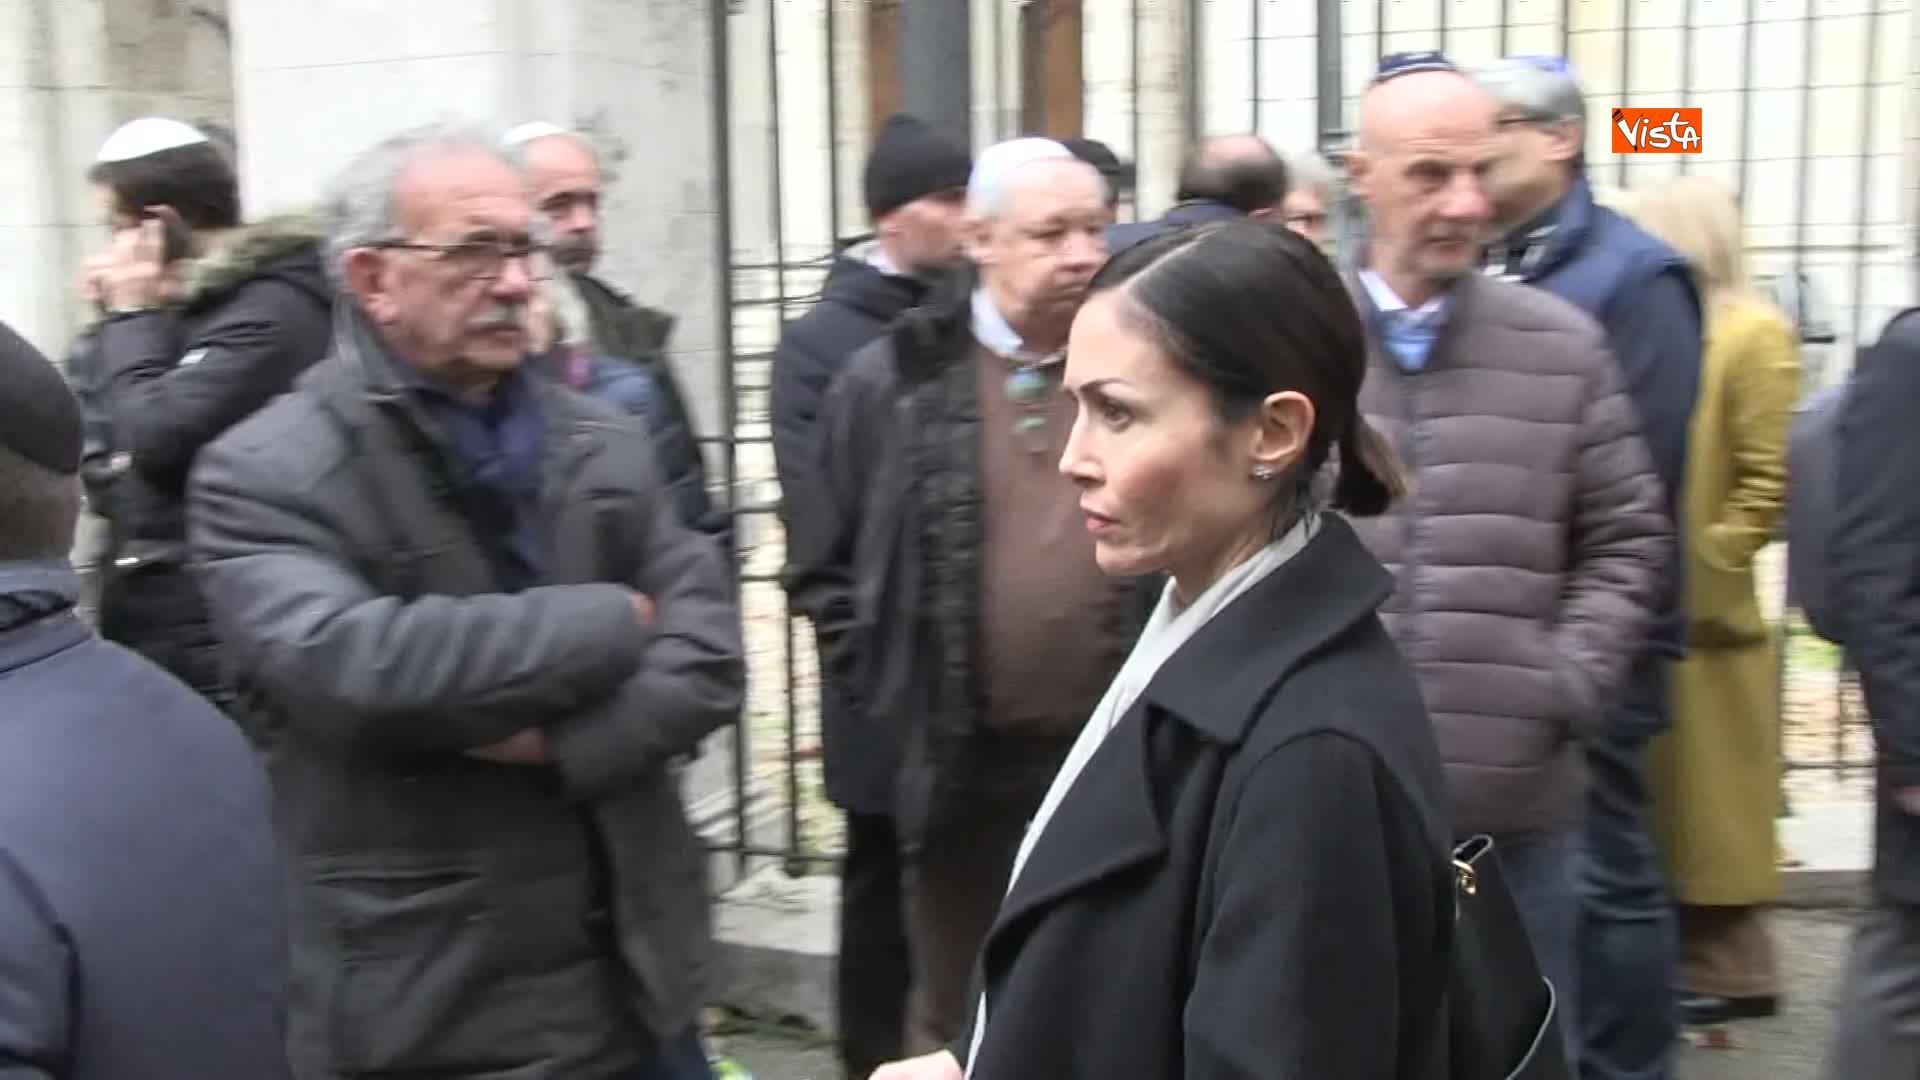 L'ultimo saluto a Piero Terracina al quartiere ebraico di Roma_05